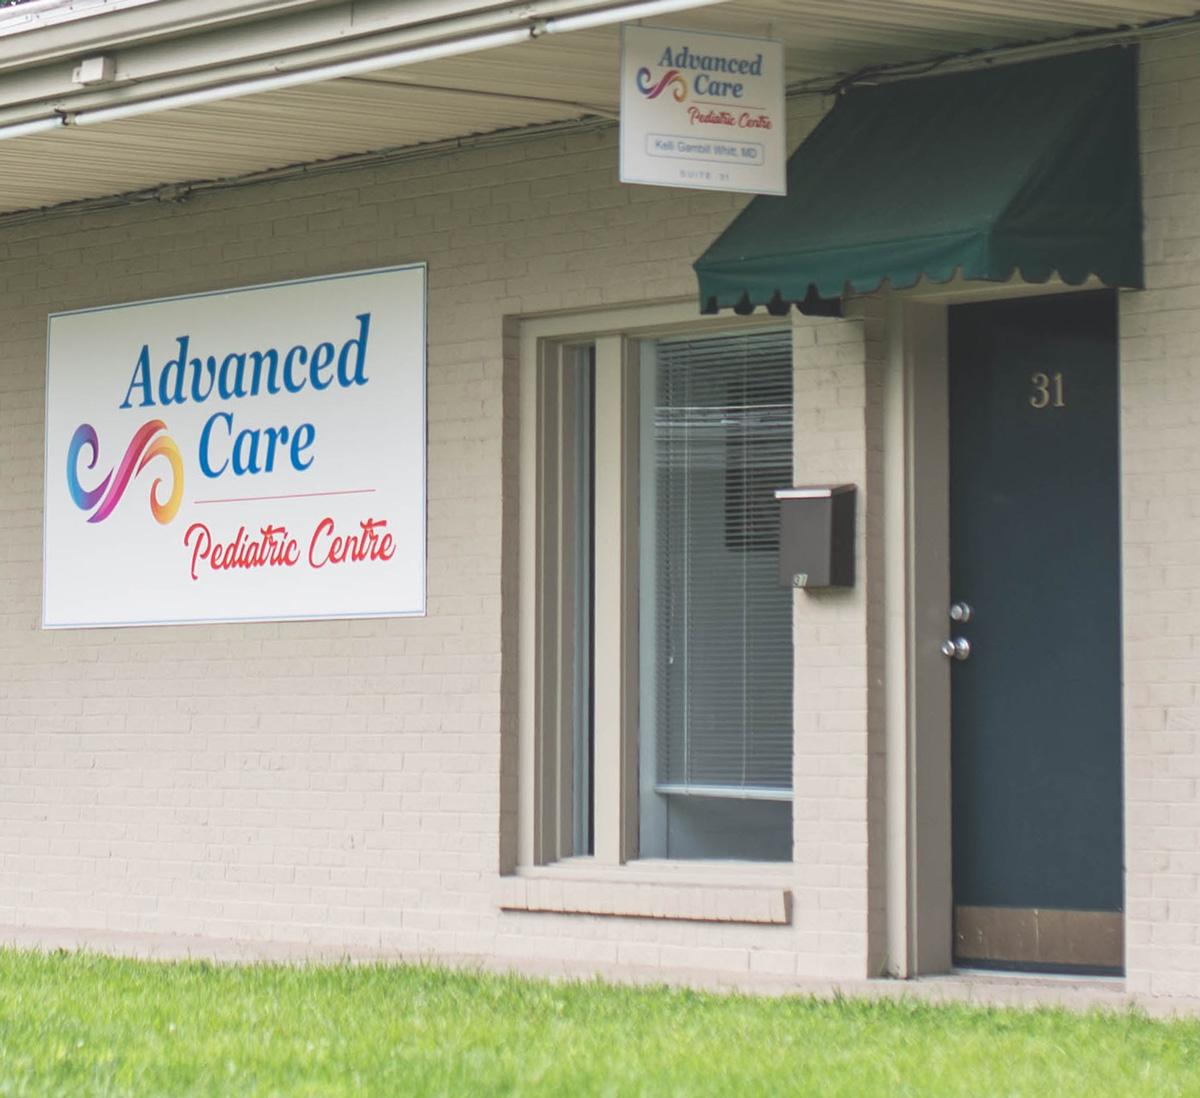 Danville KY Pediatrician's Office - Advanced Care Pediatric Centre